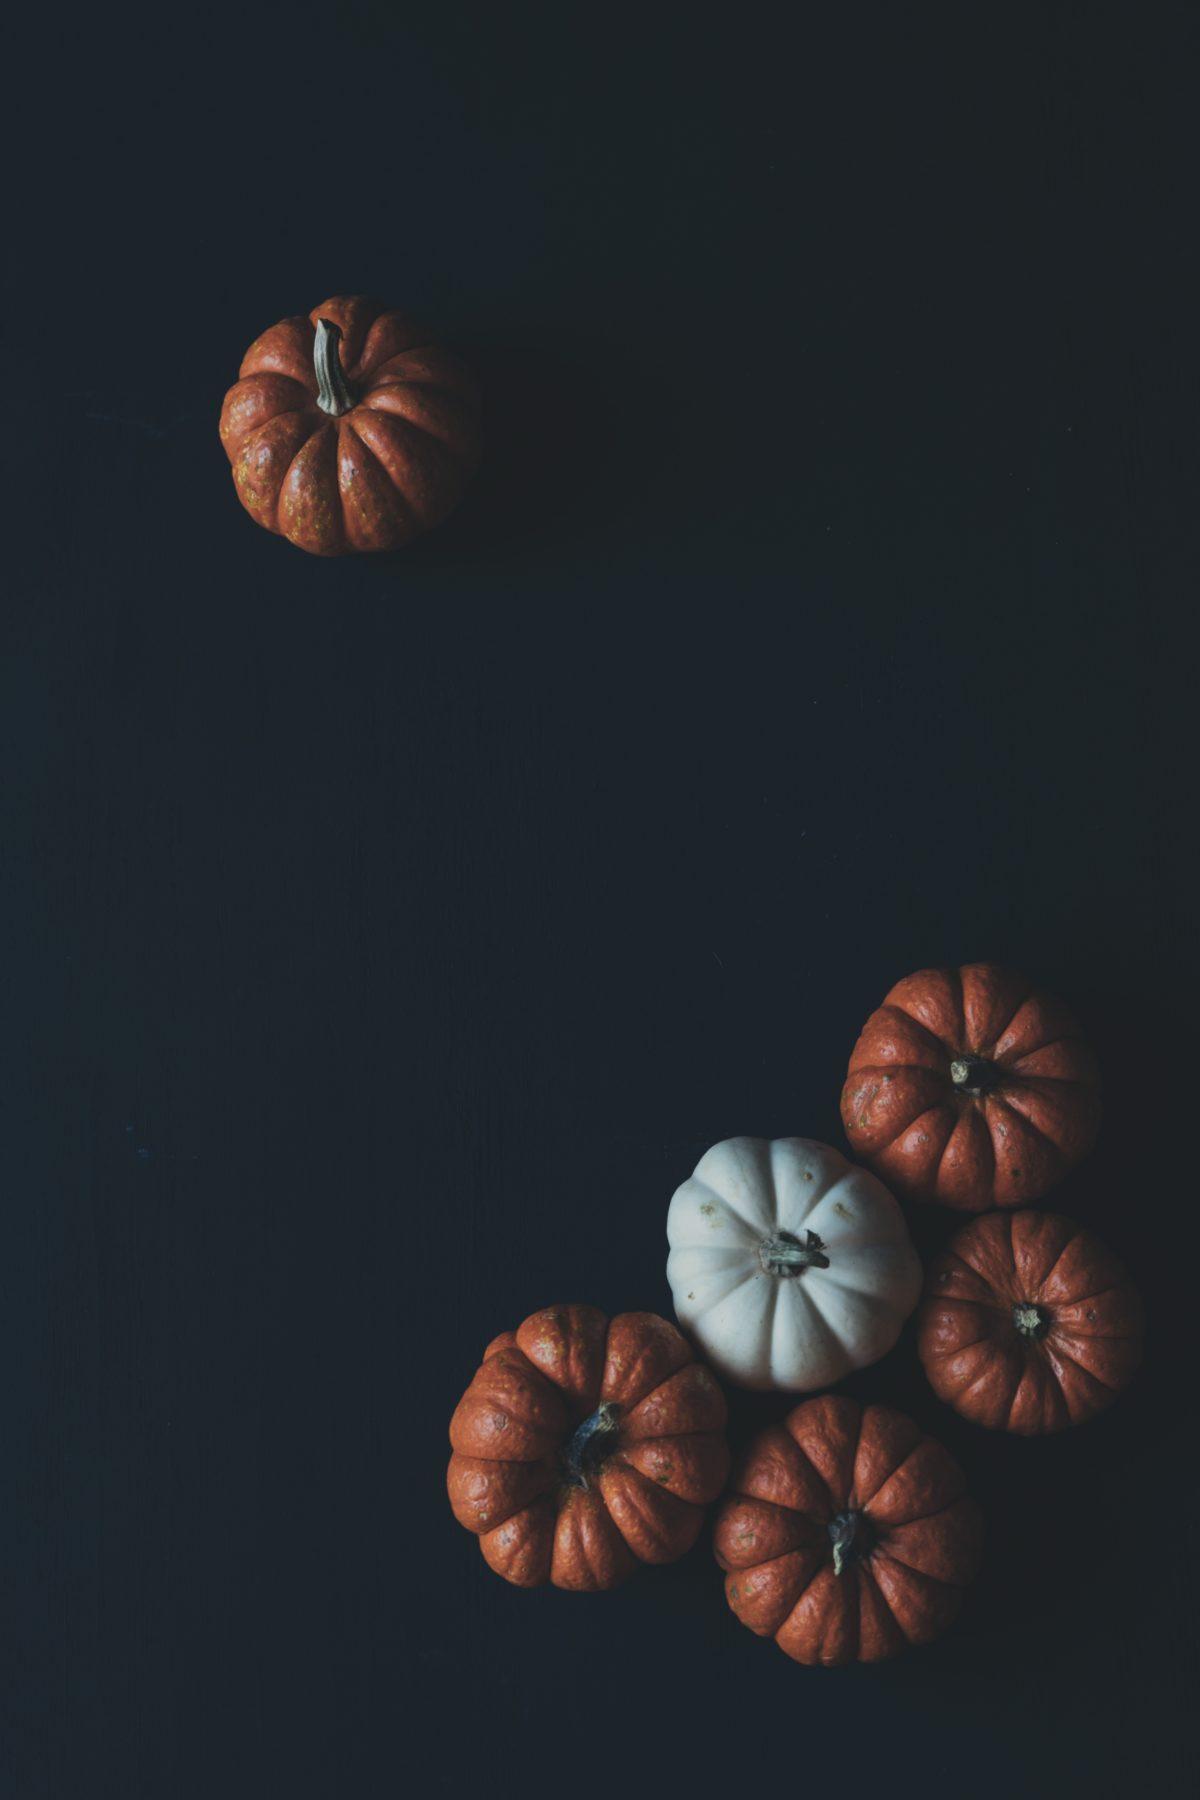 Fall Pumpkin Iphone Wallpaper Halloween Party Ideas Amp Inspiration Eat Drink Frolic